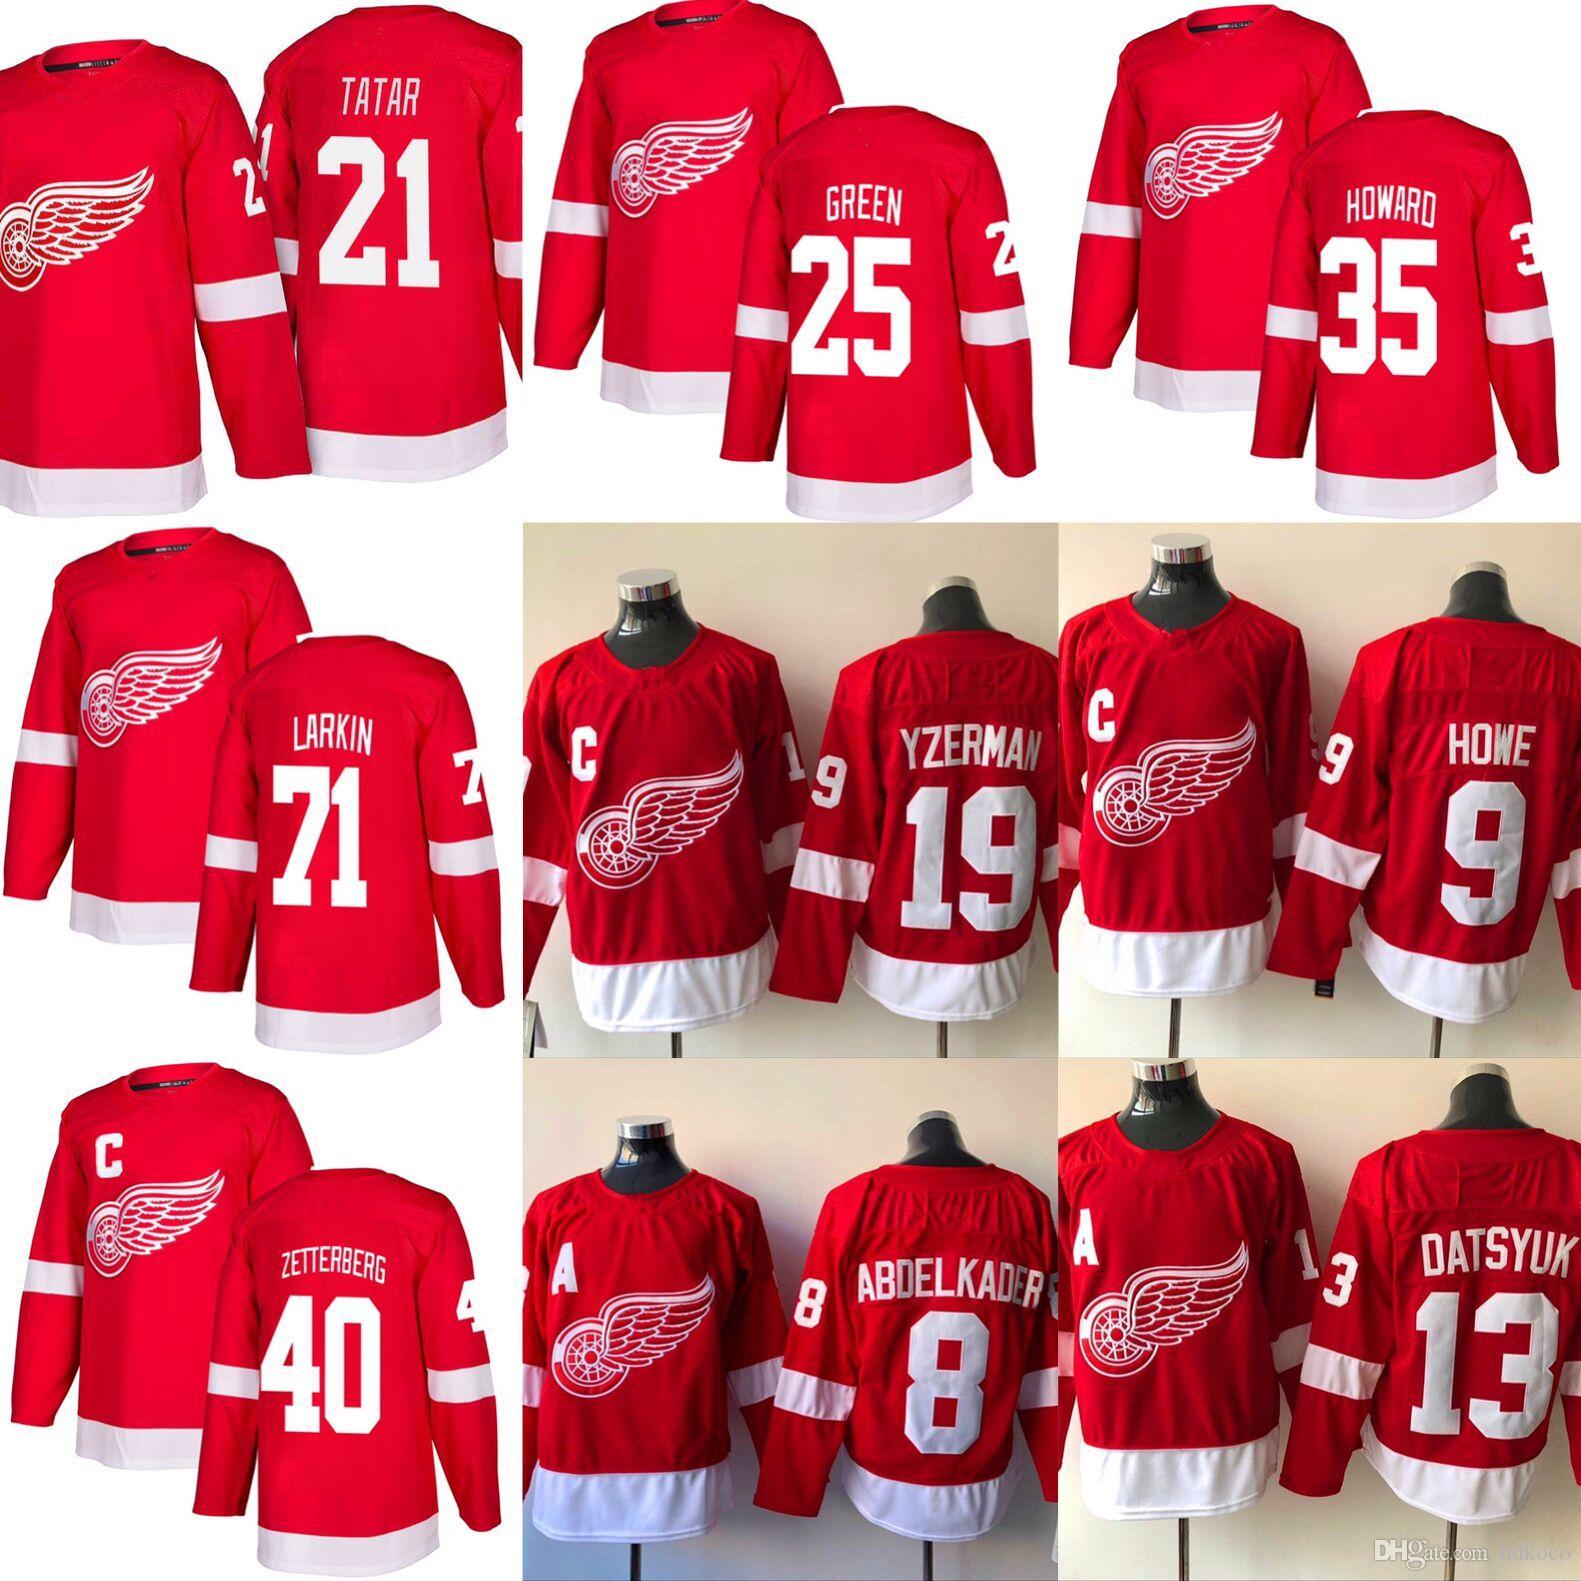 5f5319761ac 2019 2018 2019 Detroit Red Wings Hockey Jersey 13 Pavel Datsyuk 8 Justin  Abdelkader 19 Steve Yzerman 71 Larkin 9 Howe 40 Henrik Hockey Jerseys From  Hdkoco, ...